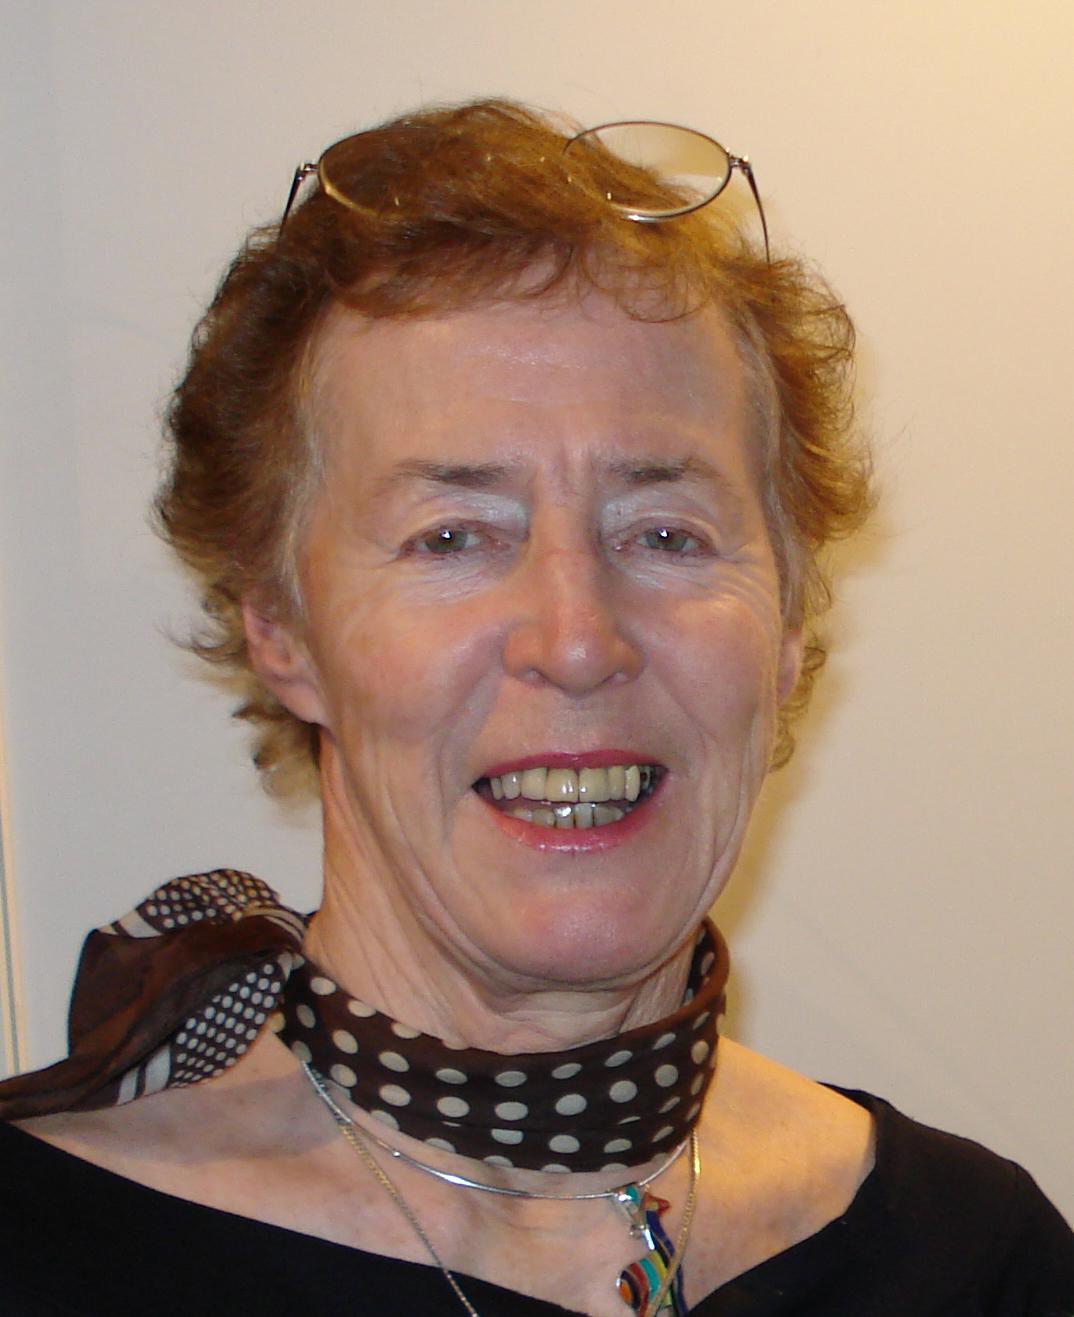 Guðrún Marinósdóttir